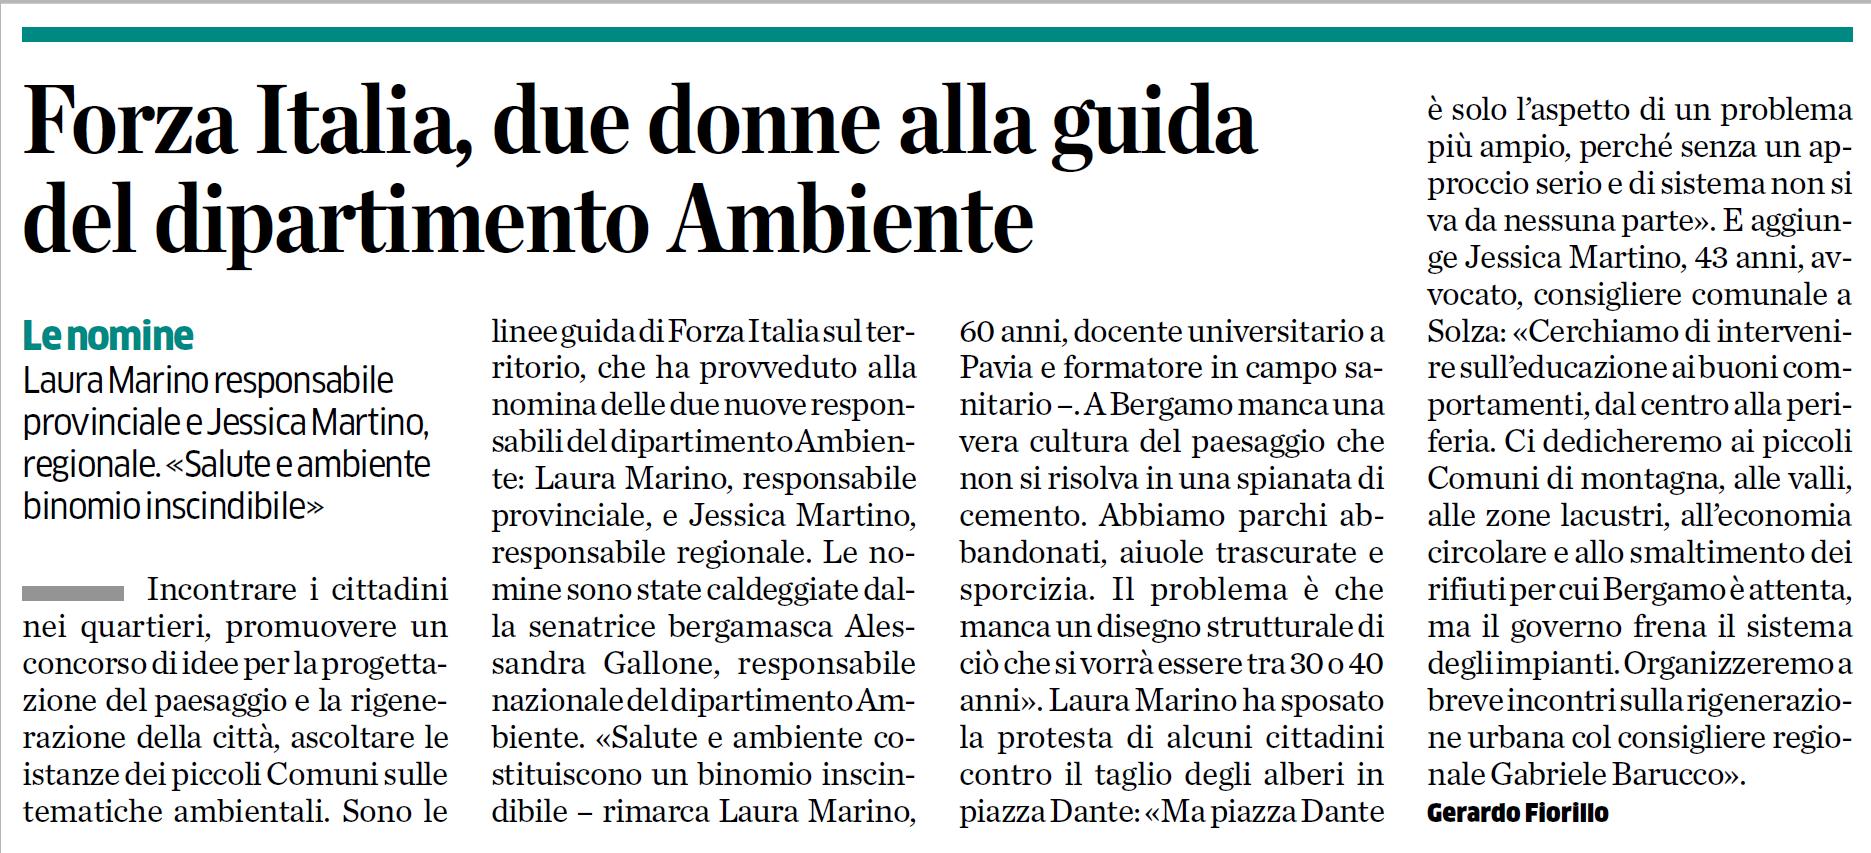 Forza Italia, due donne alla guida del dipartimento Ambiente